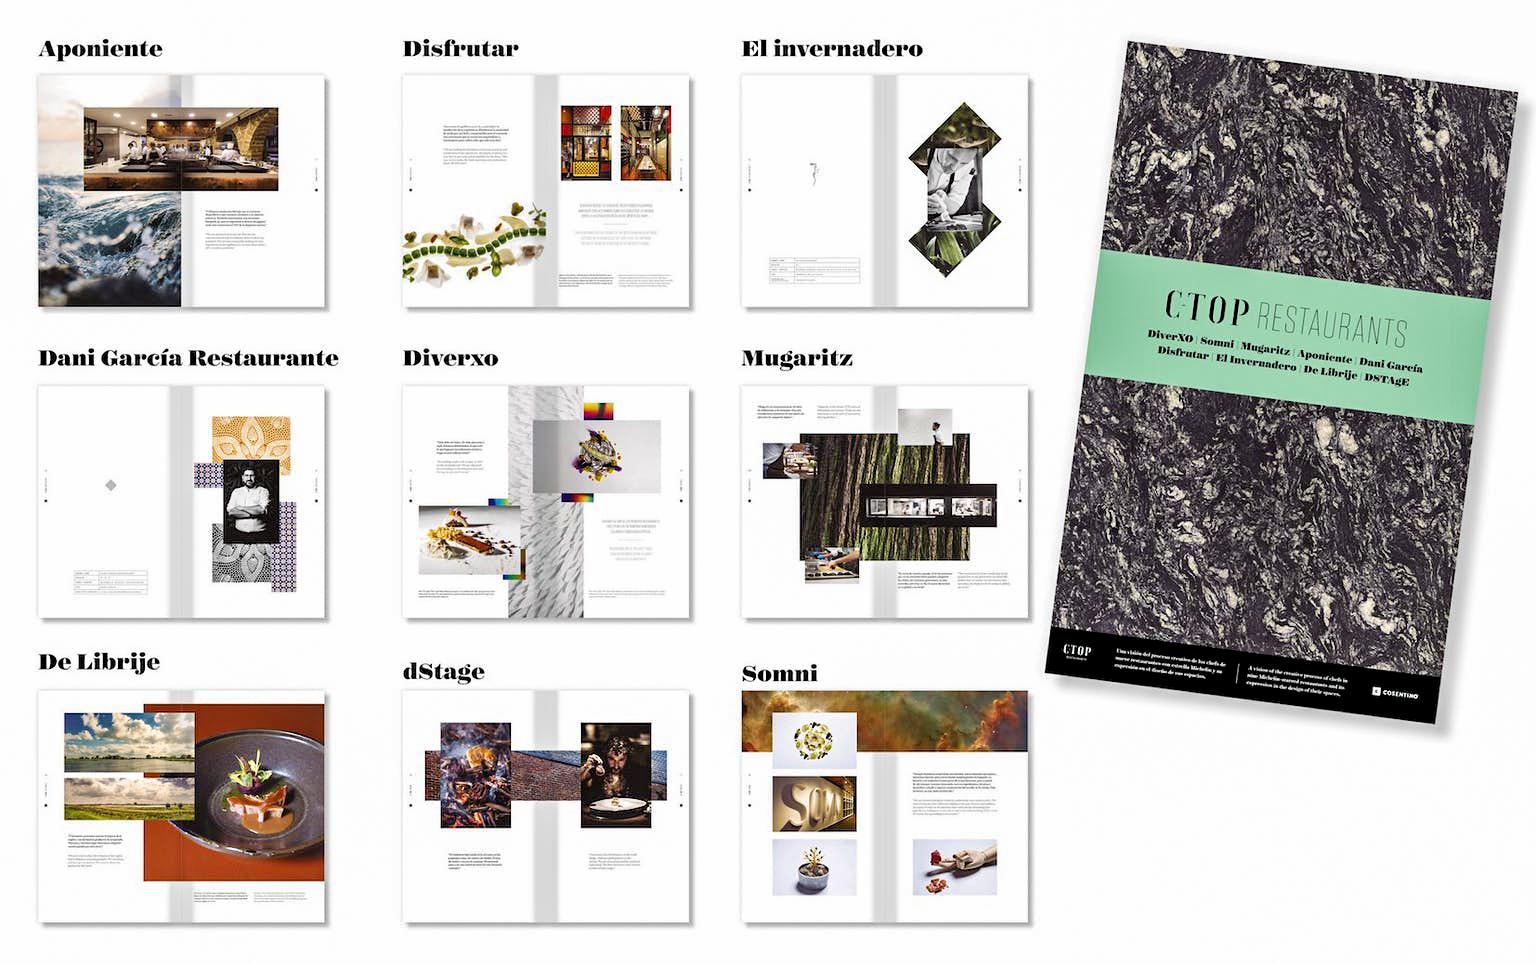 Cosentino presenta una joya editorial sobre diseño y espacios en restaurantes